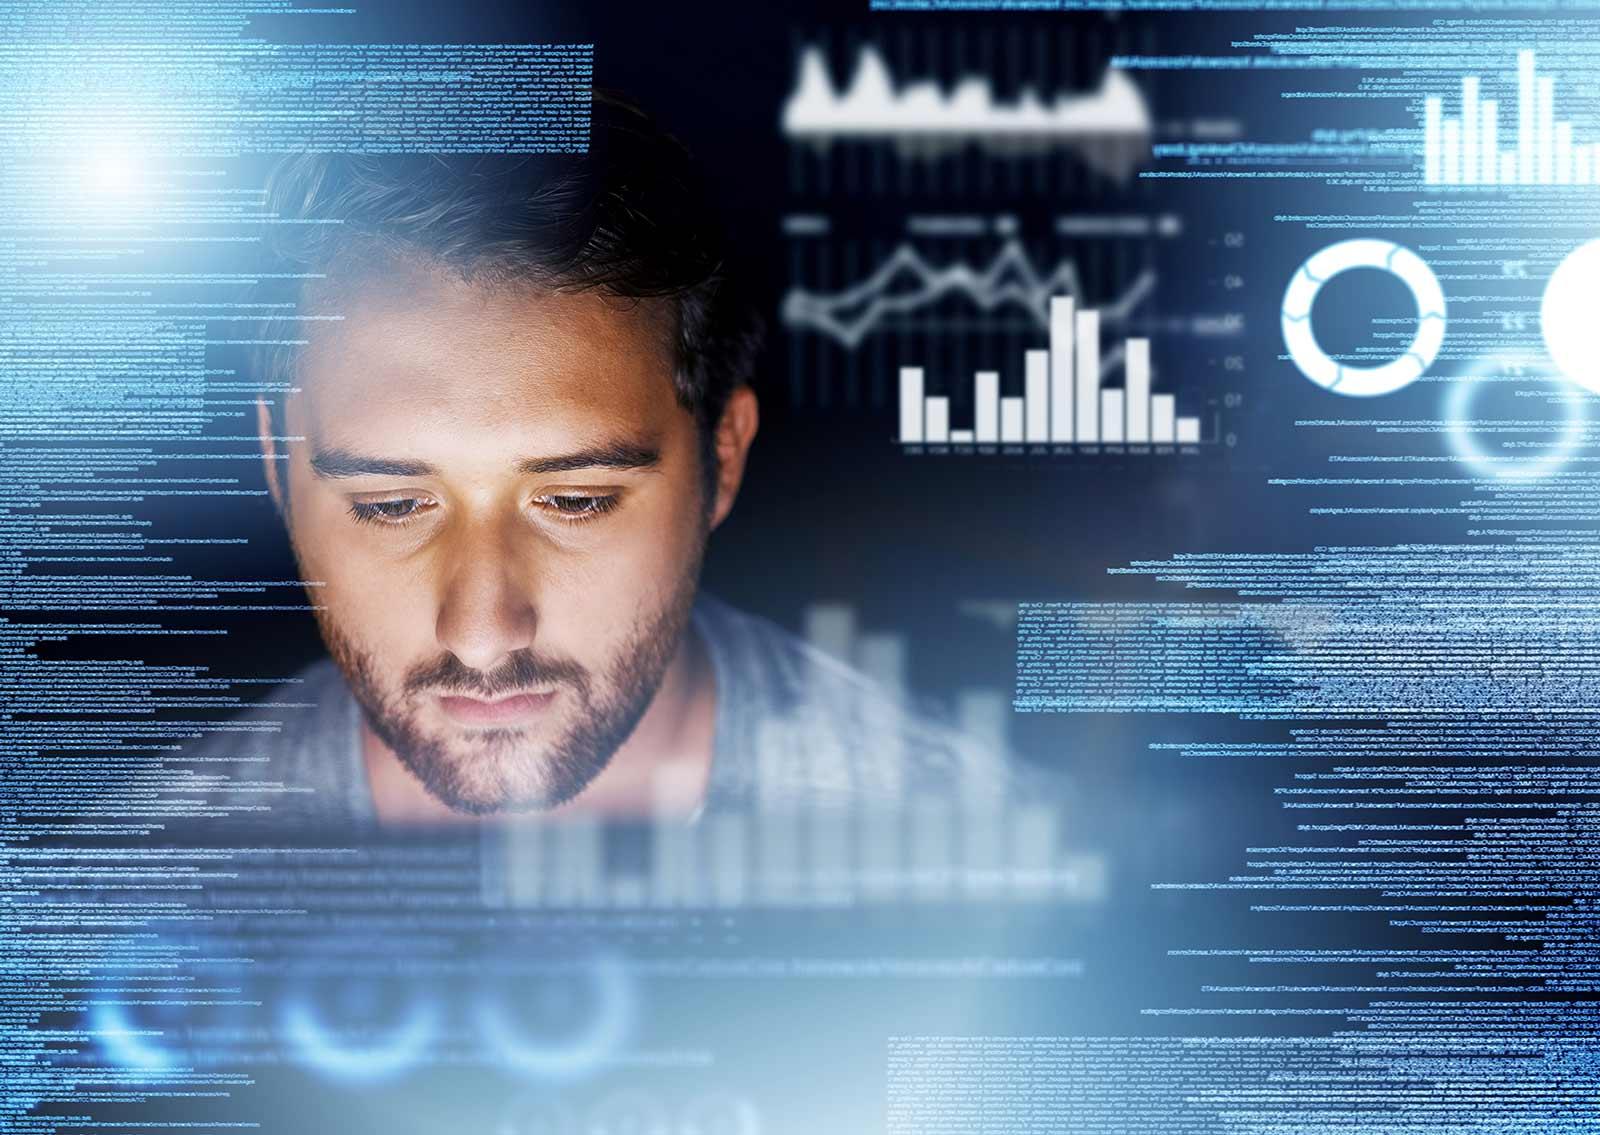 <br><br><strong>Unser Hauptgeschäft: Externer Datenschutzbeauftragter</strong> nach DSGVO